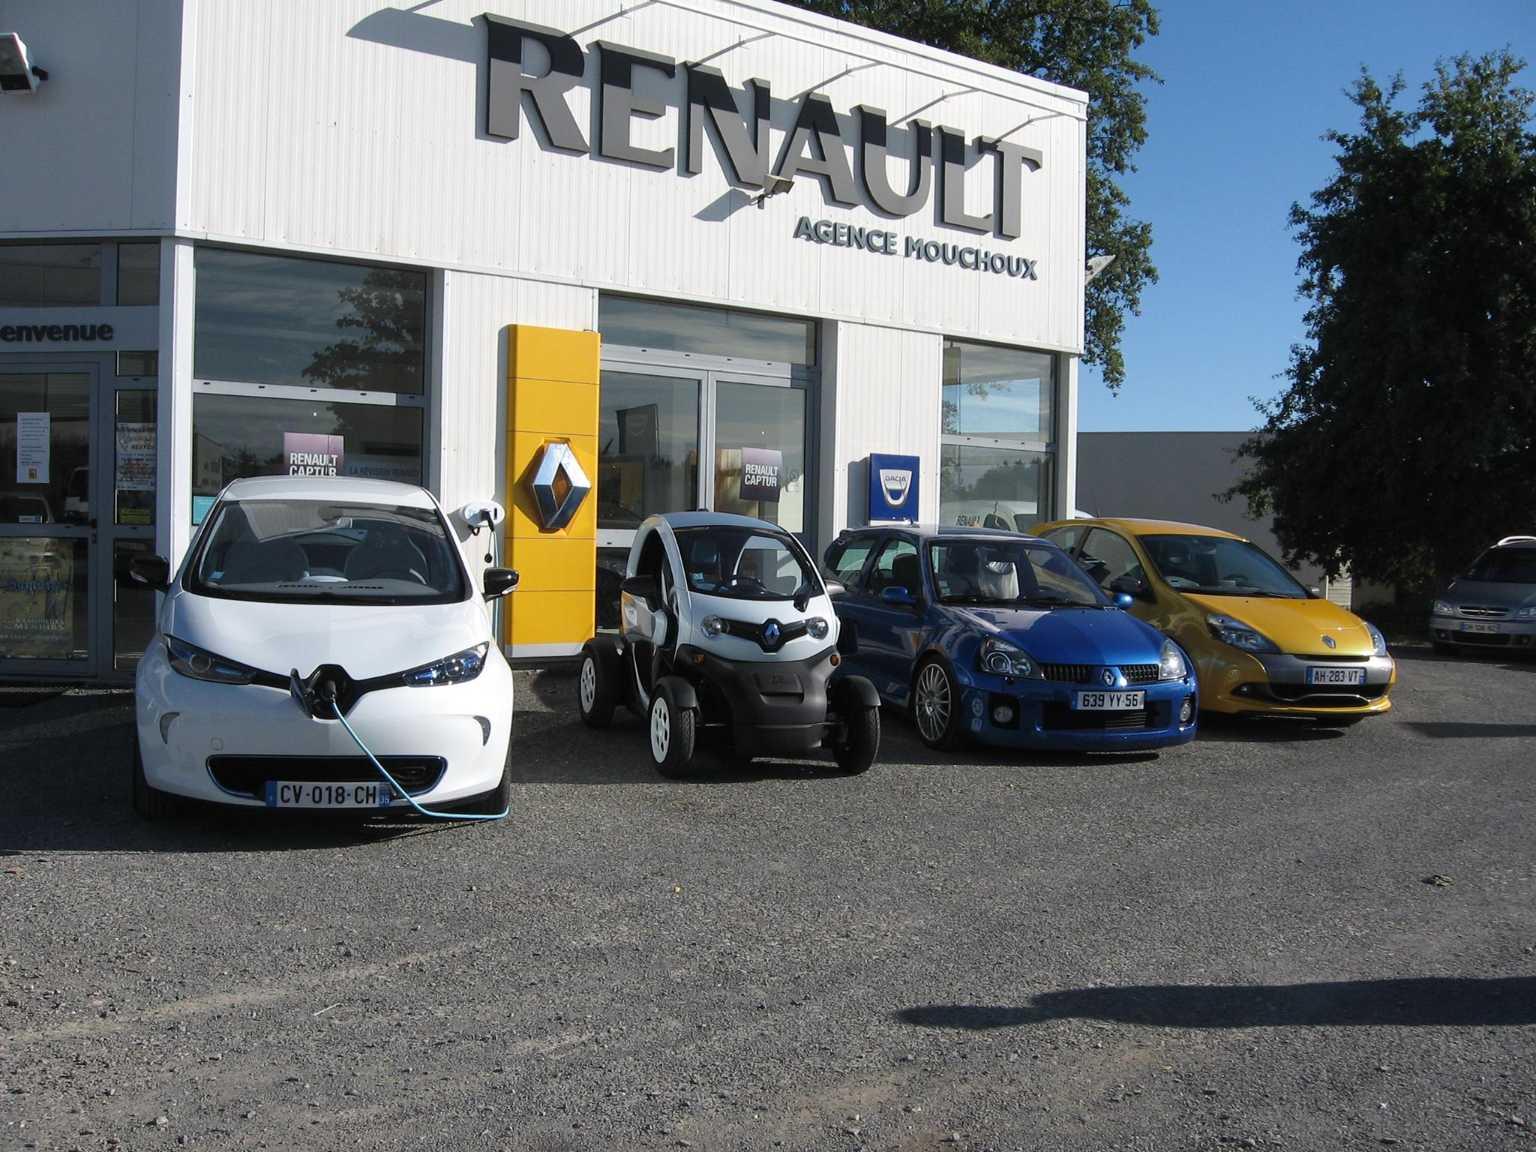 RENAULT - Garage Mouchoux